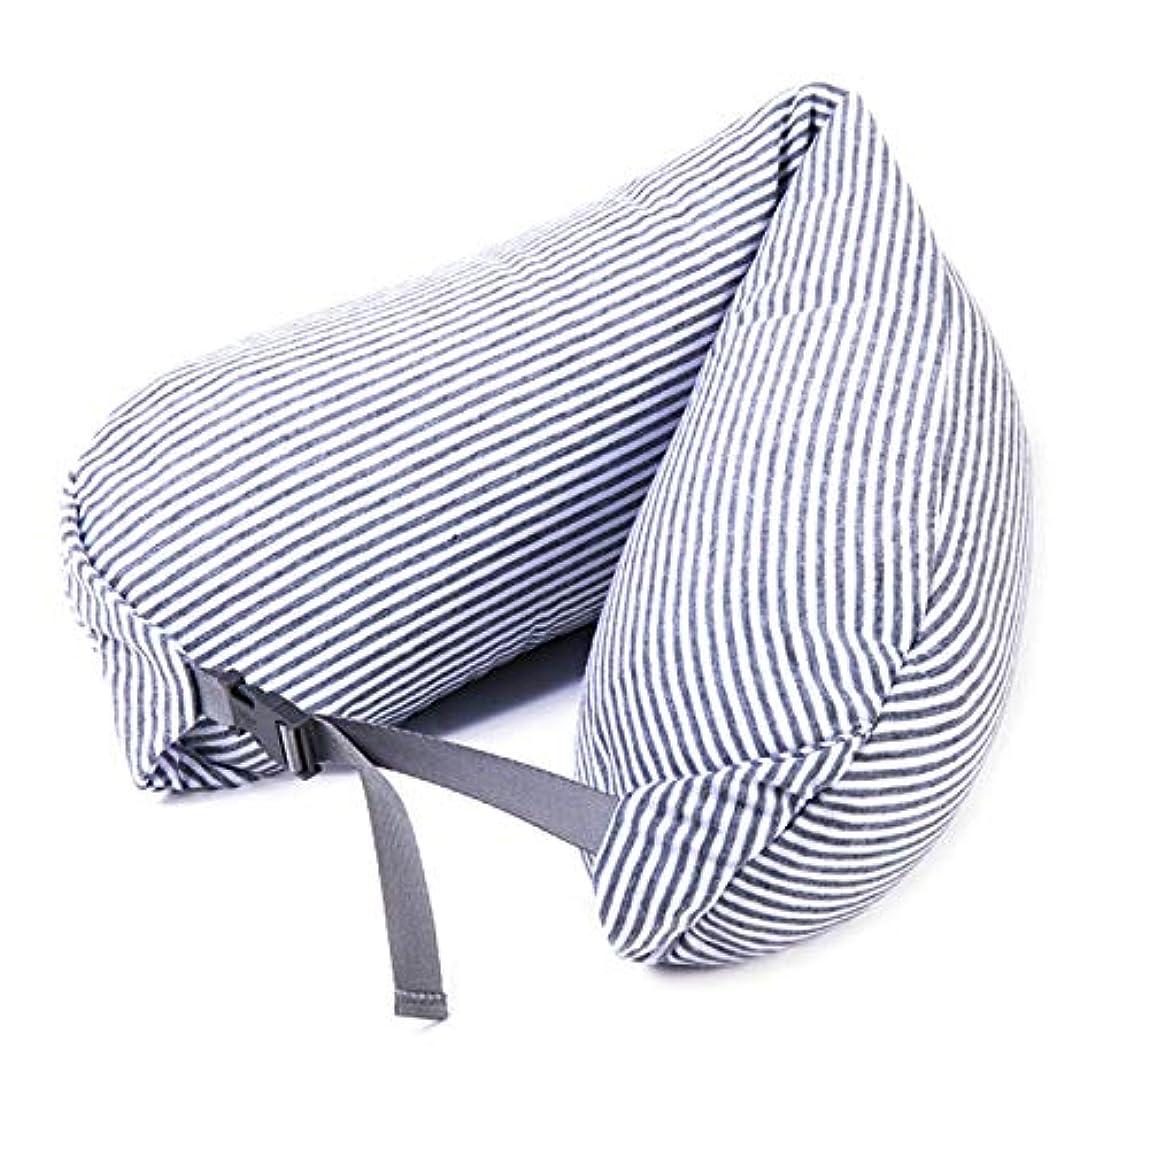 アンタゴニストベンチャー報復するSMART 現代アート動物プリントスクエア枕カバーランニング馬クッション装飾枕ホーム枕装飾ソファスロー枕 クッション 椅子